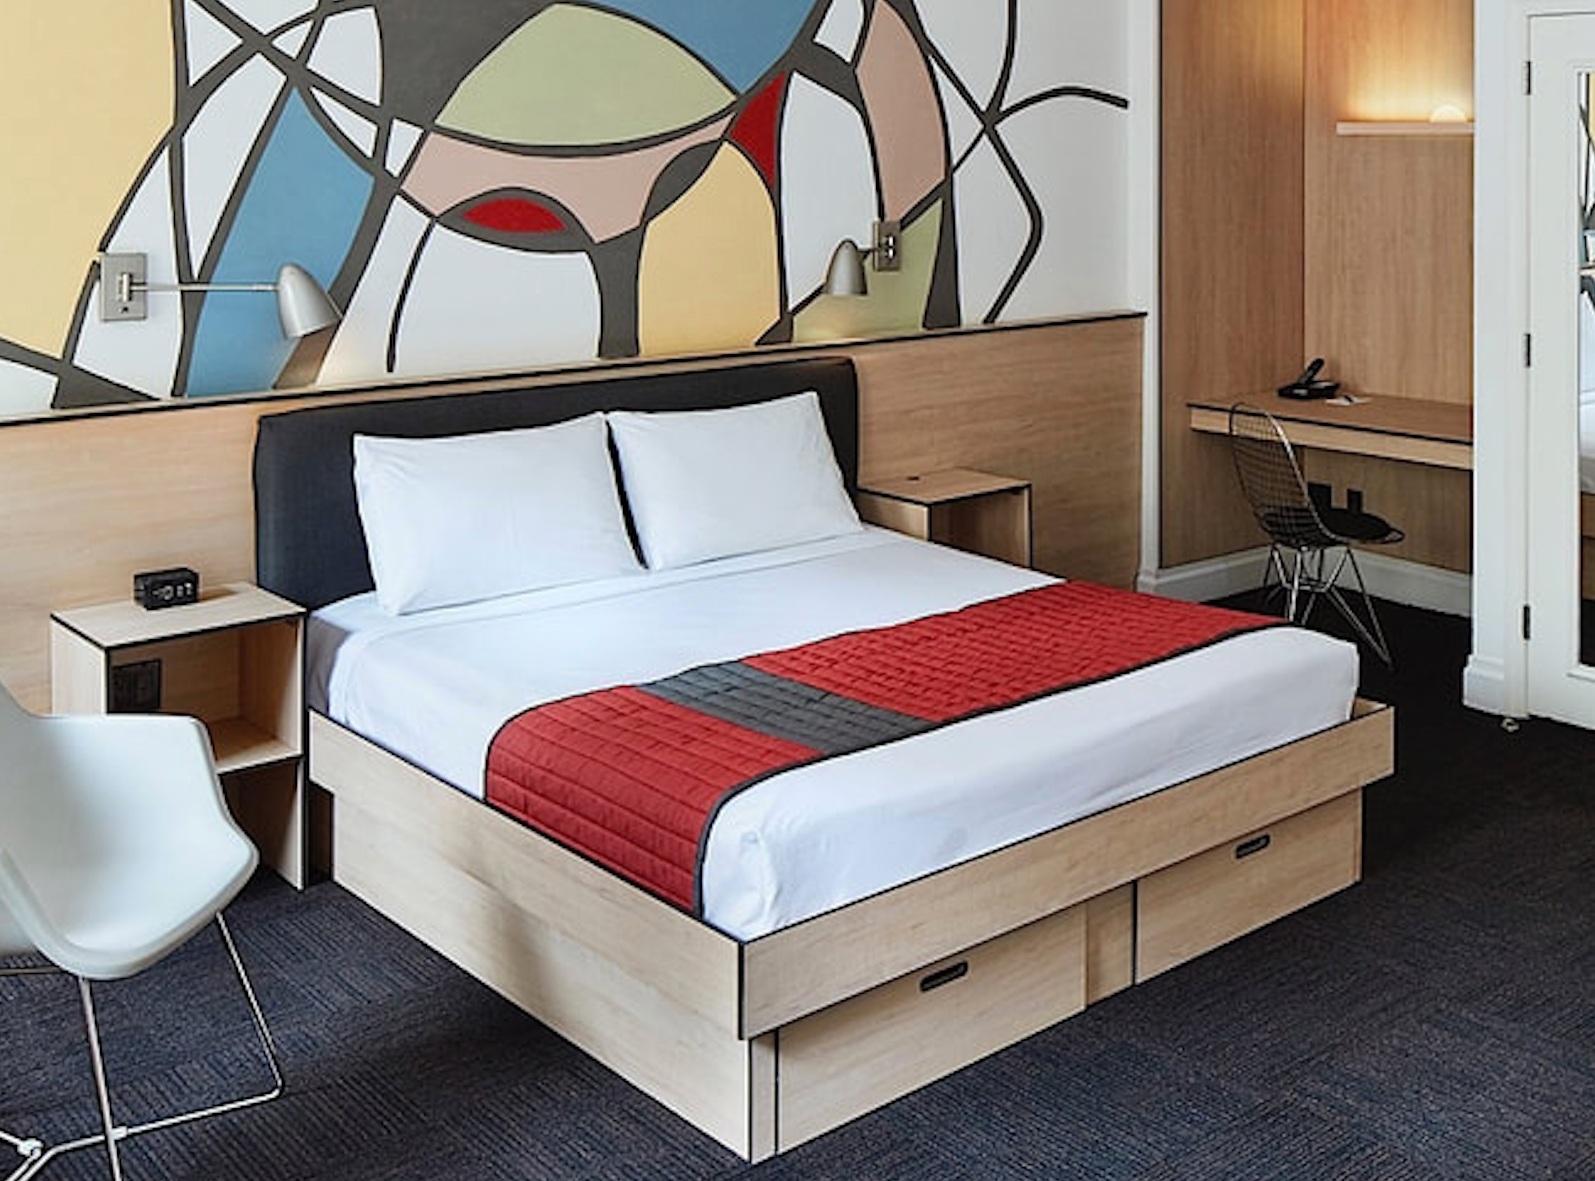 Самые дешевые отели в центре Нью-Йорка - Отели две звезды до $100/ночь